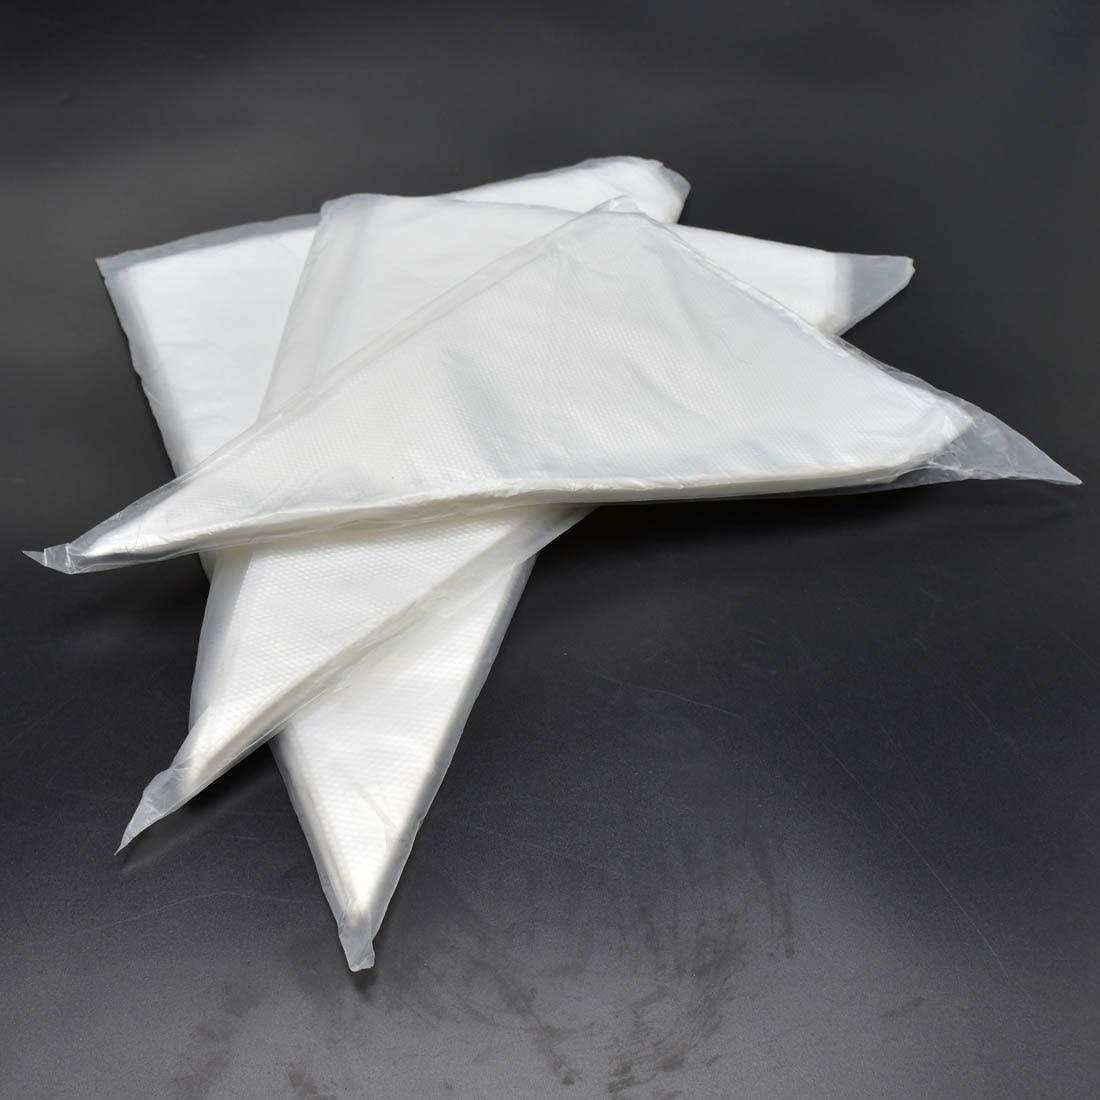 Elome(イローム) ステンレス 絞り口金 39個セットの商品画像8